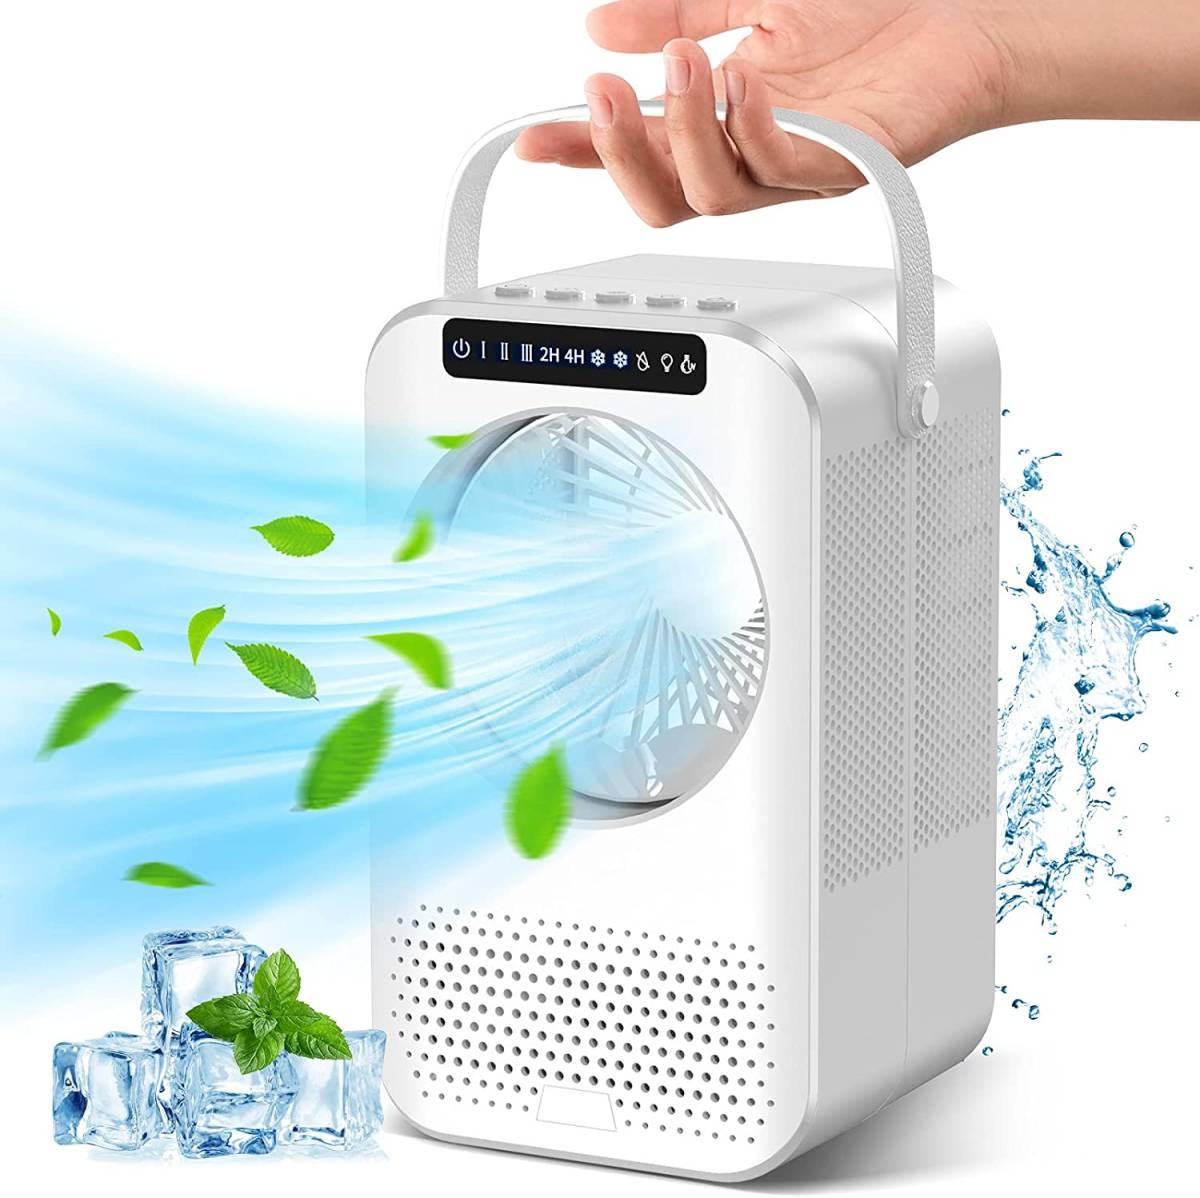 8 冷風扇 冷風機 卓上 小型 冷風扇風機 卓上冷風扇【5℃冷却】風量3段階 加湿ミスト ミニ冷風扇 タイマー 大容量600ml